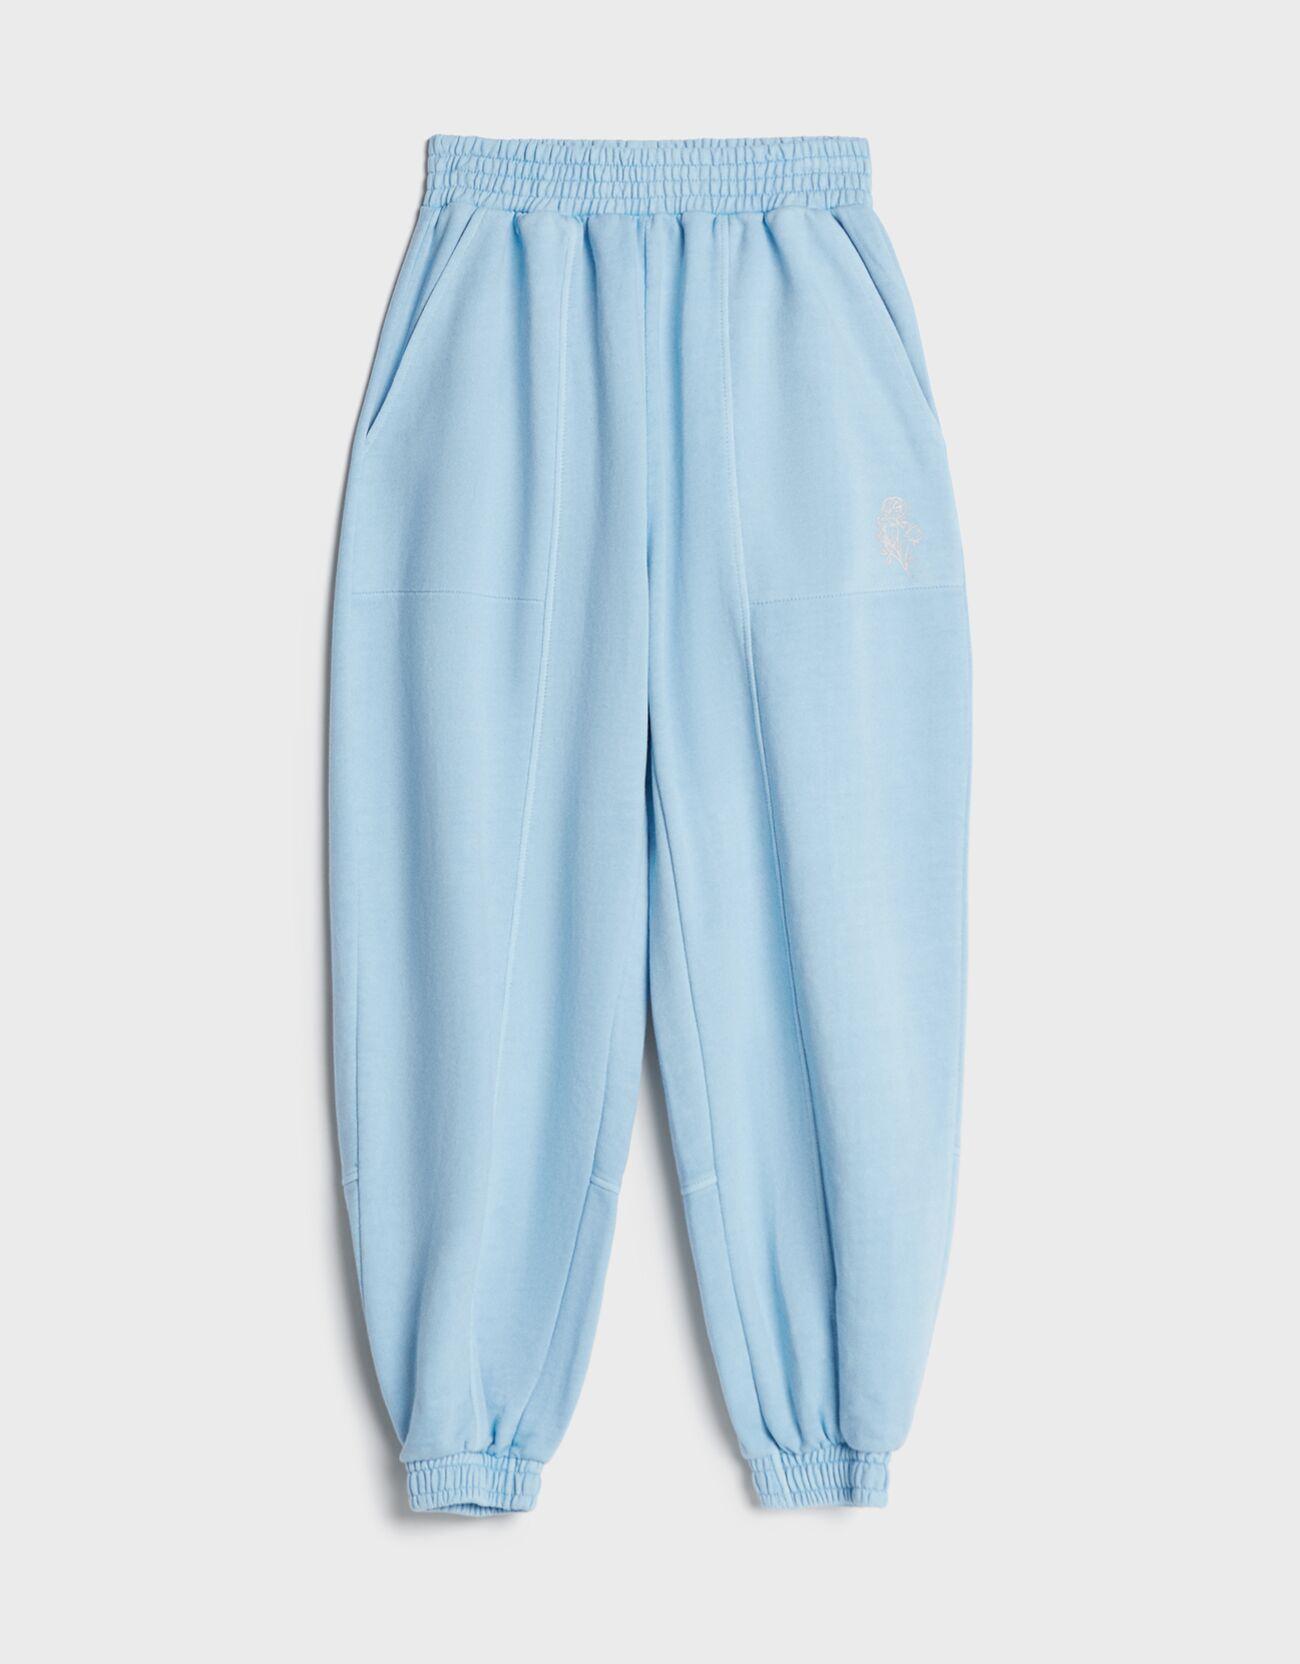 Pantalón jogger felpa detalle reflectante.